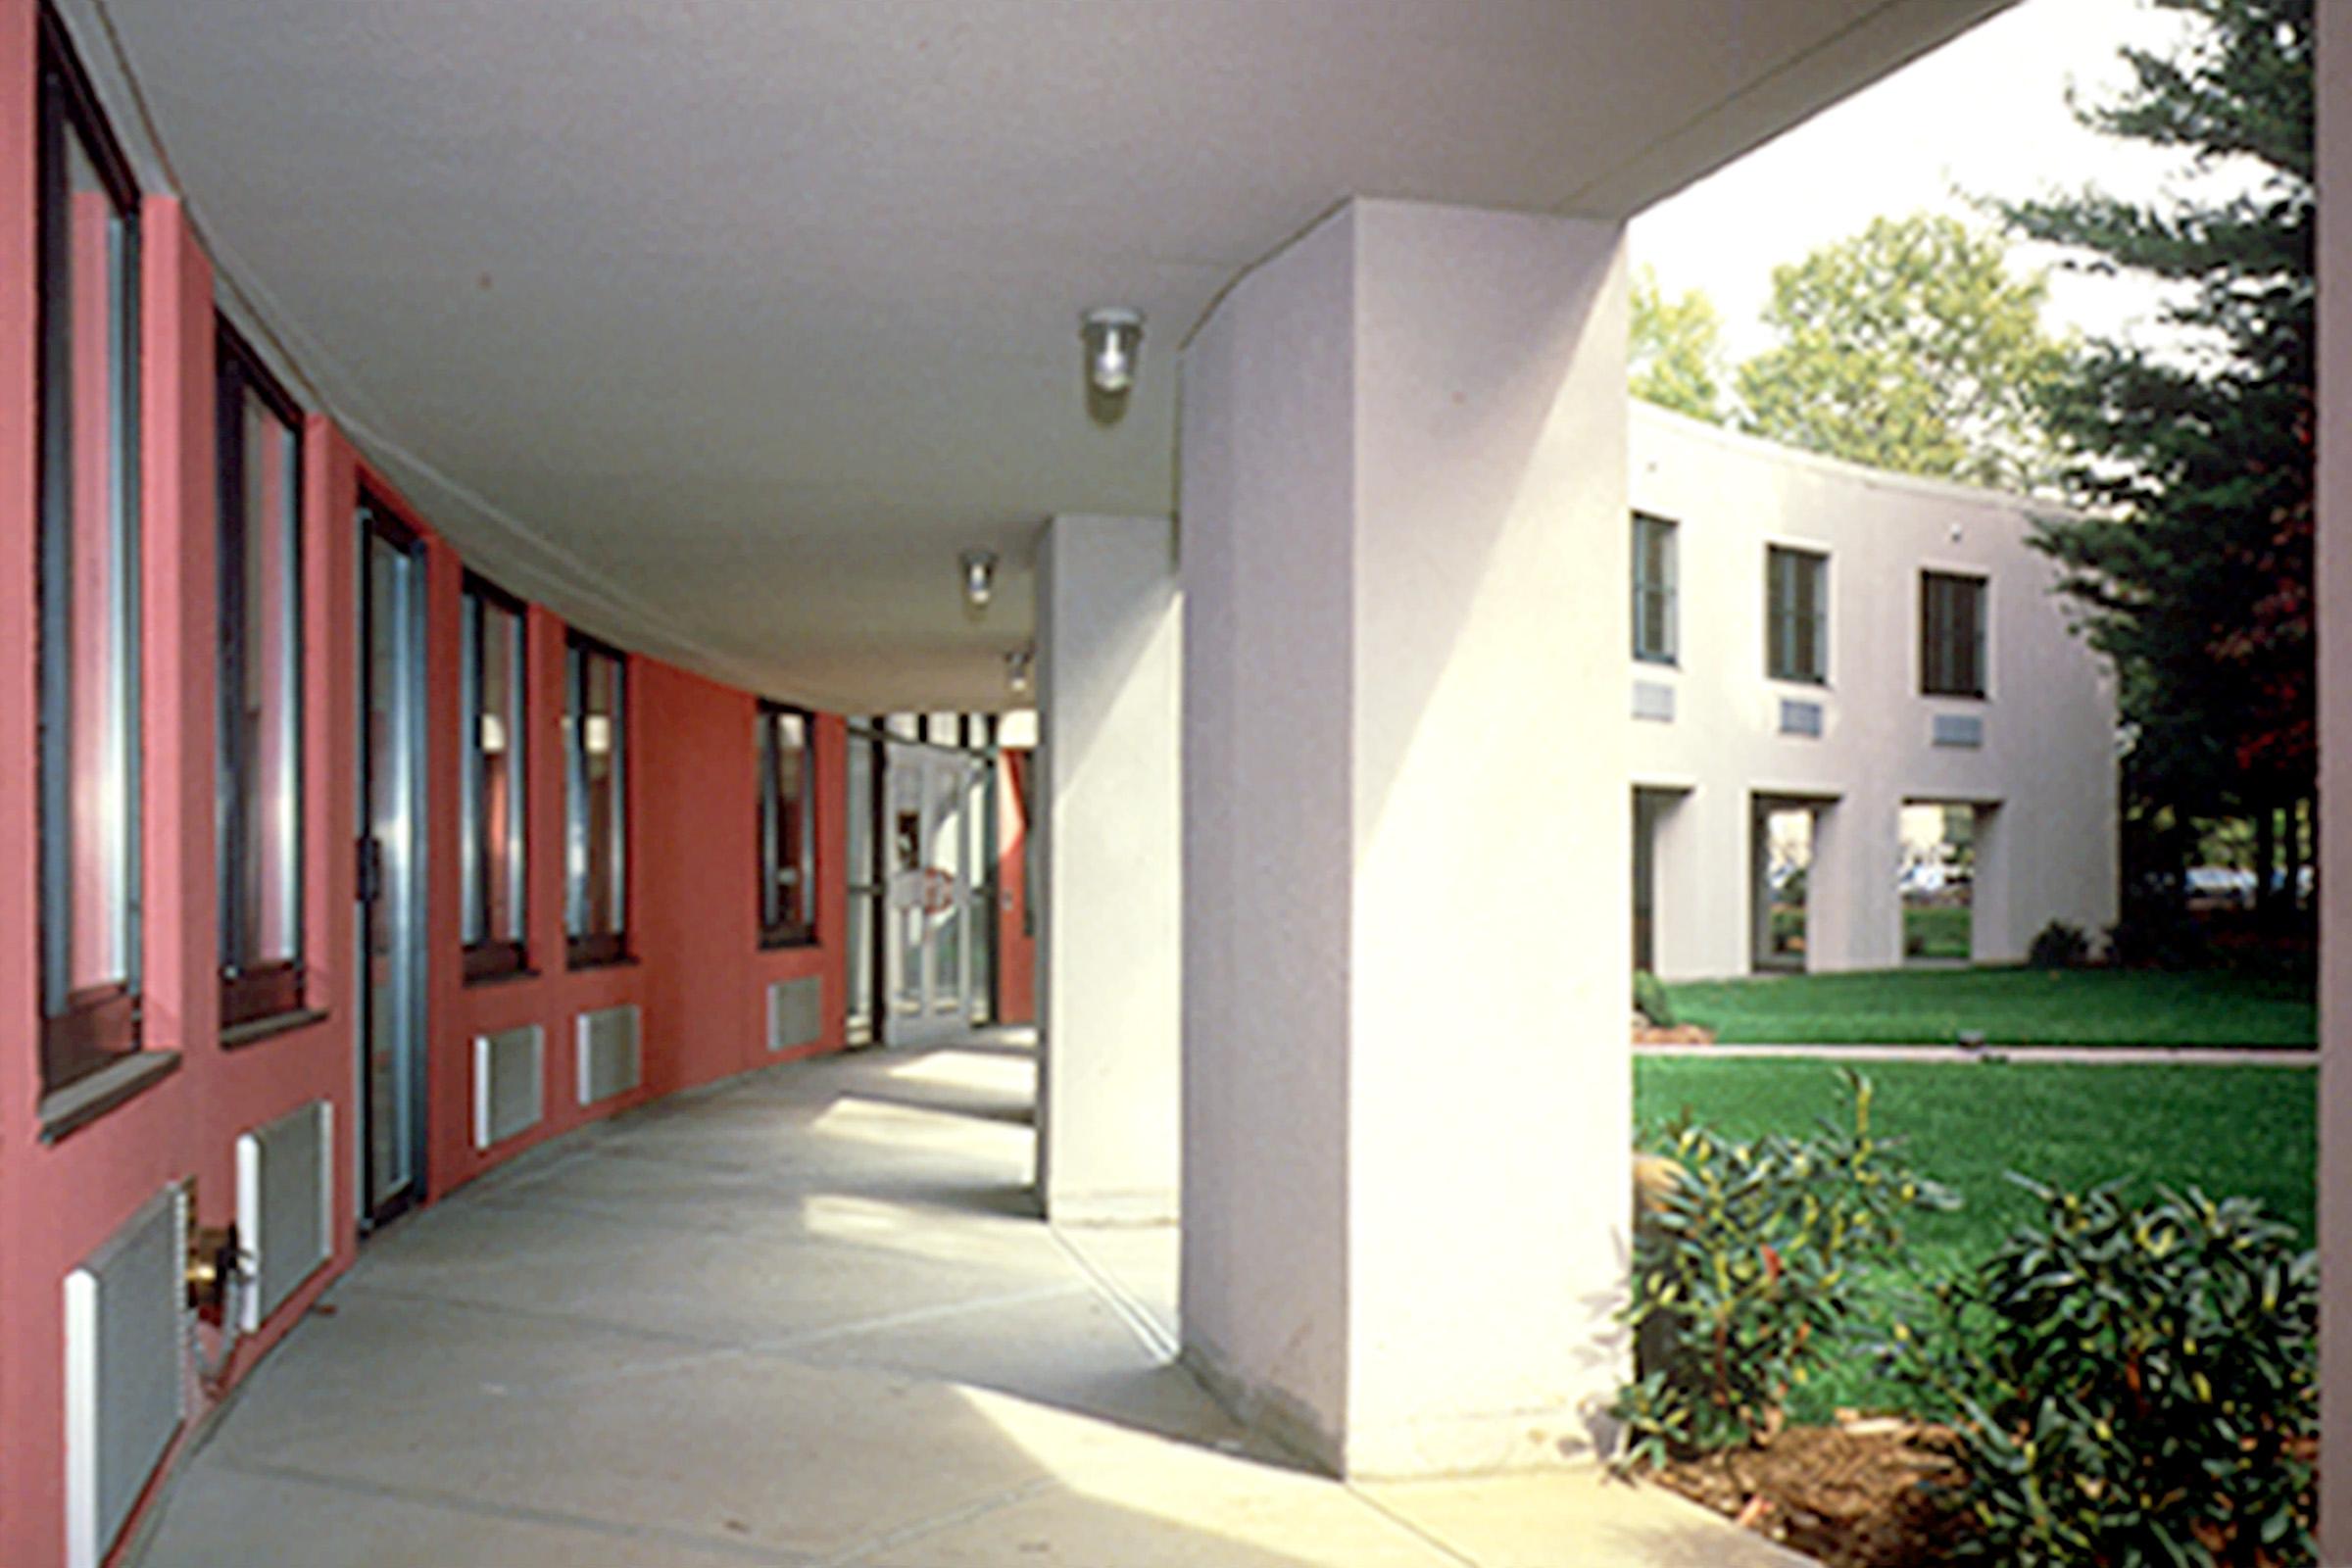 Exterior View 4 - Open Corridor.jpg